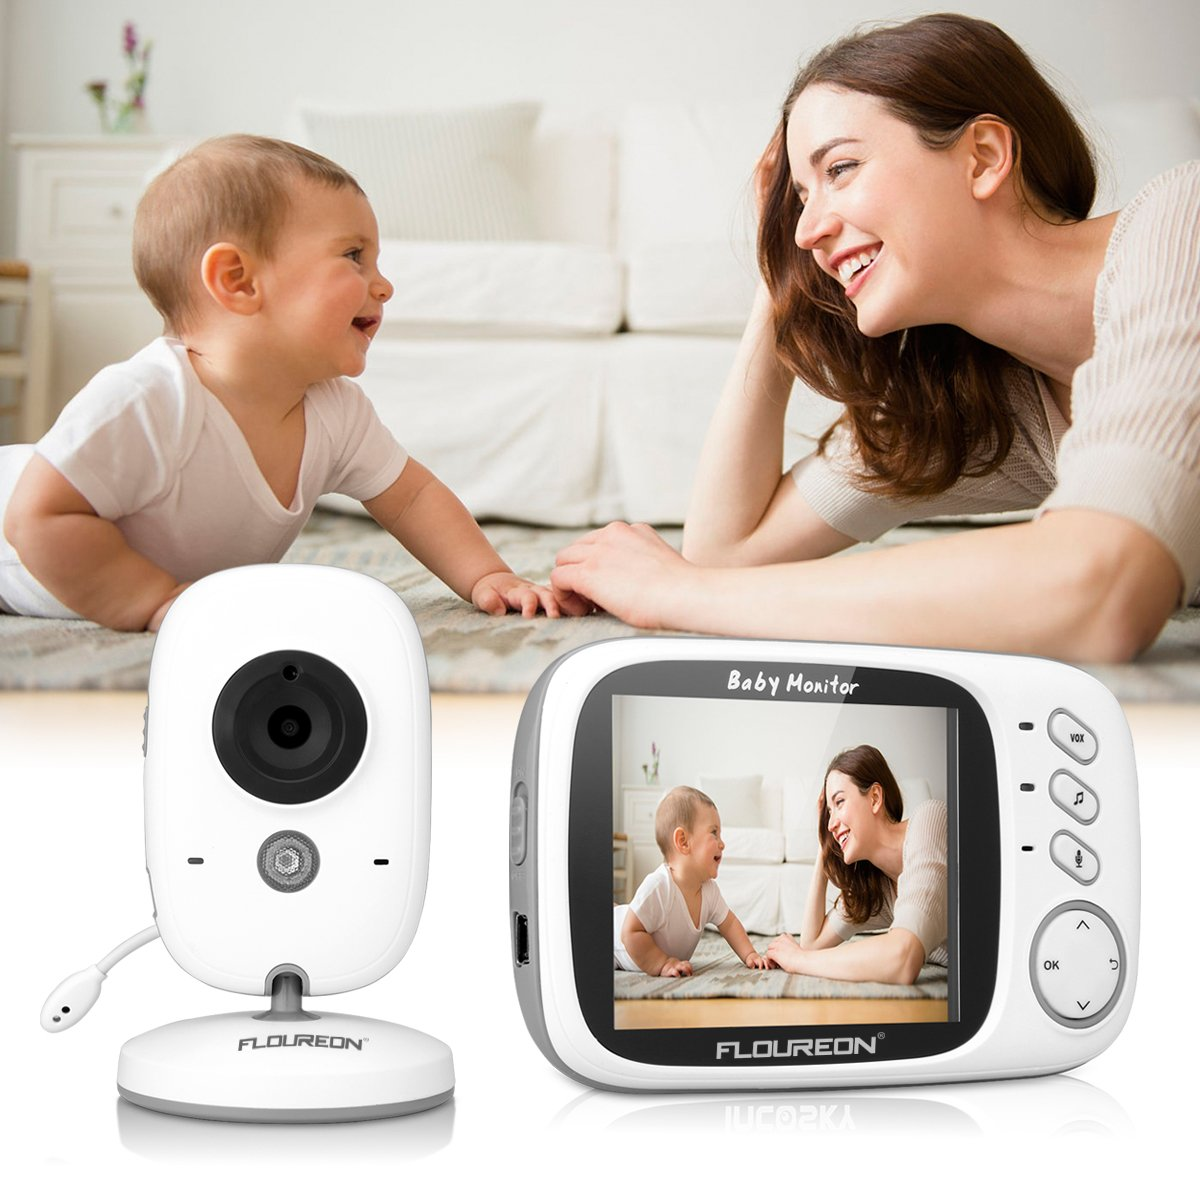 FLOUREON Vigilabeb/é inal/ámbrico con c/ámara digital color blanco LCD de 3.2, 2.4 GHz, visi/ón nocturna por infrarrojos, di/álogo bidireccional